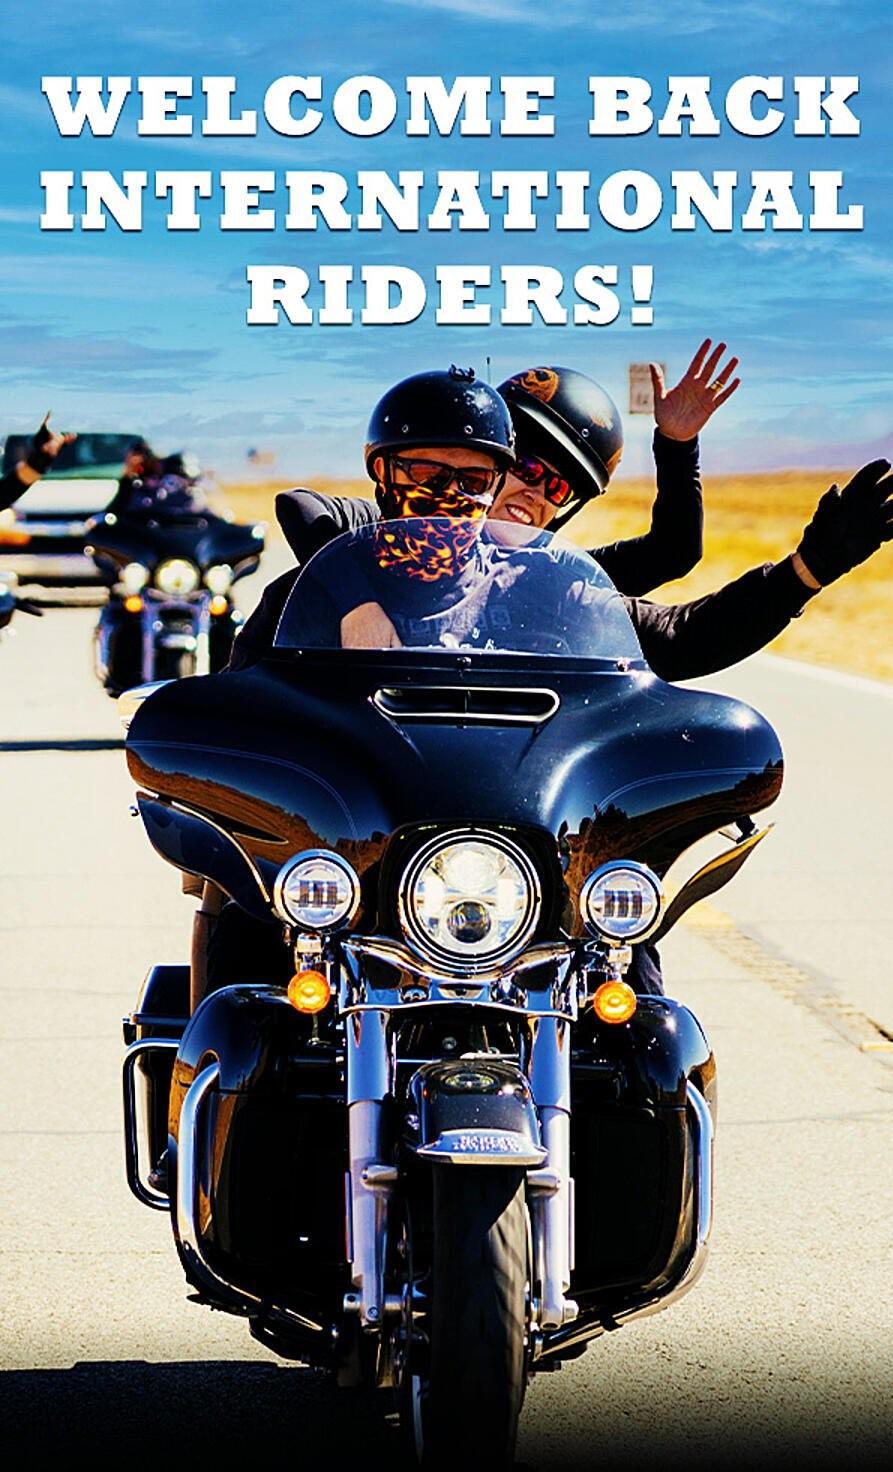 WELCOME BACK RIDERS - 8 DŇOVÝ MOTOCYKLOVÝ ZÁJAZD NEVADA - ARIZONA